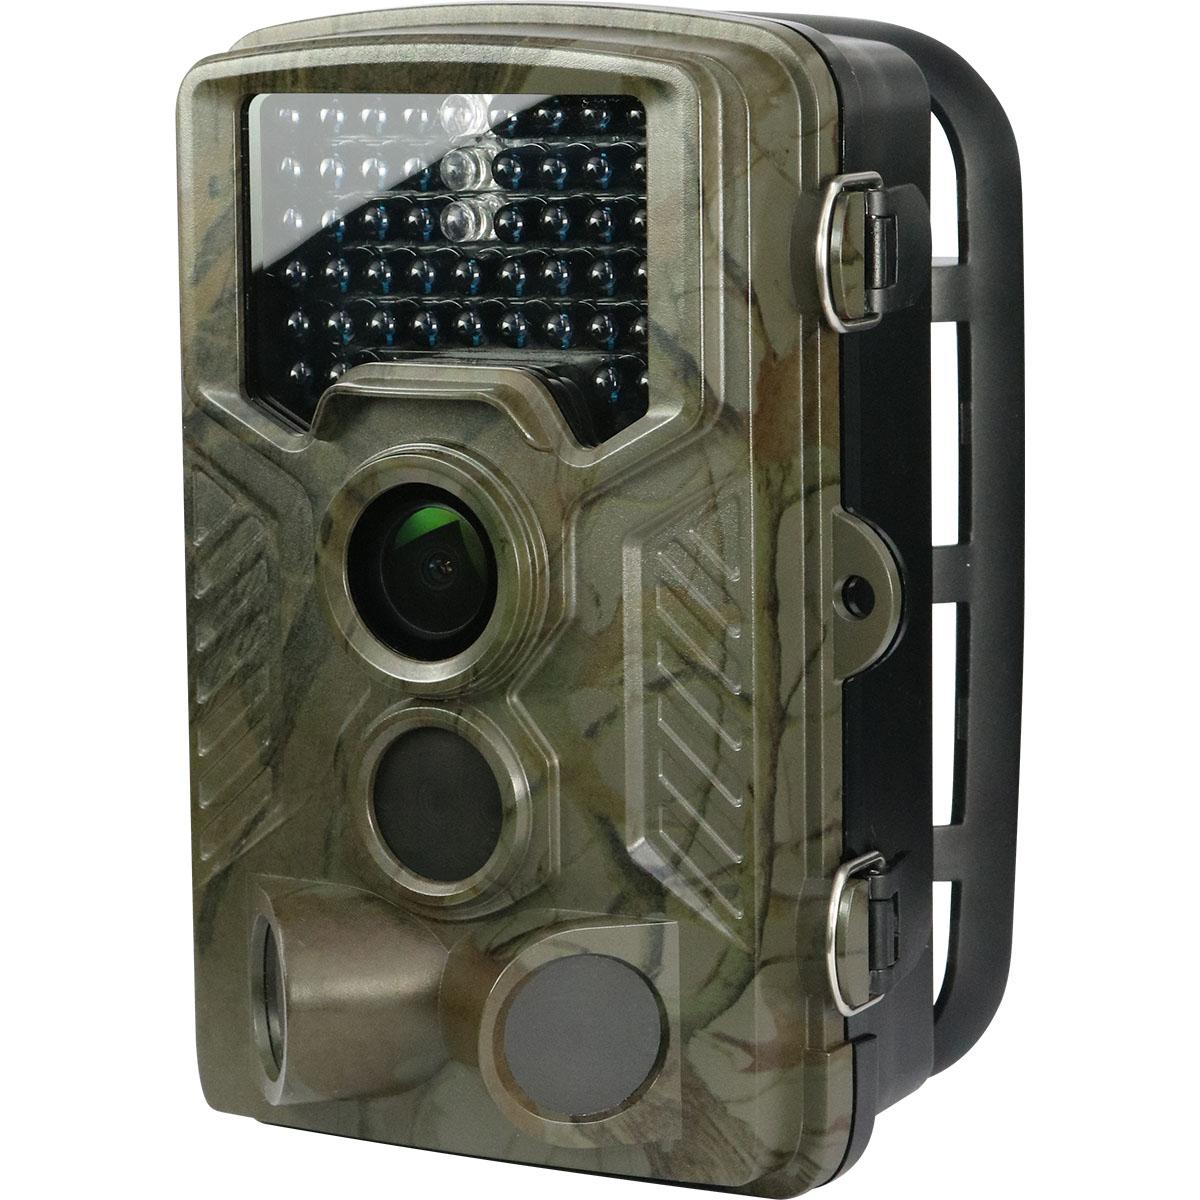 オンスクエア Wセンサーカメラ 乾電池式 SD録画装置内蔵 防塵防水 防犯カメラ OL-501